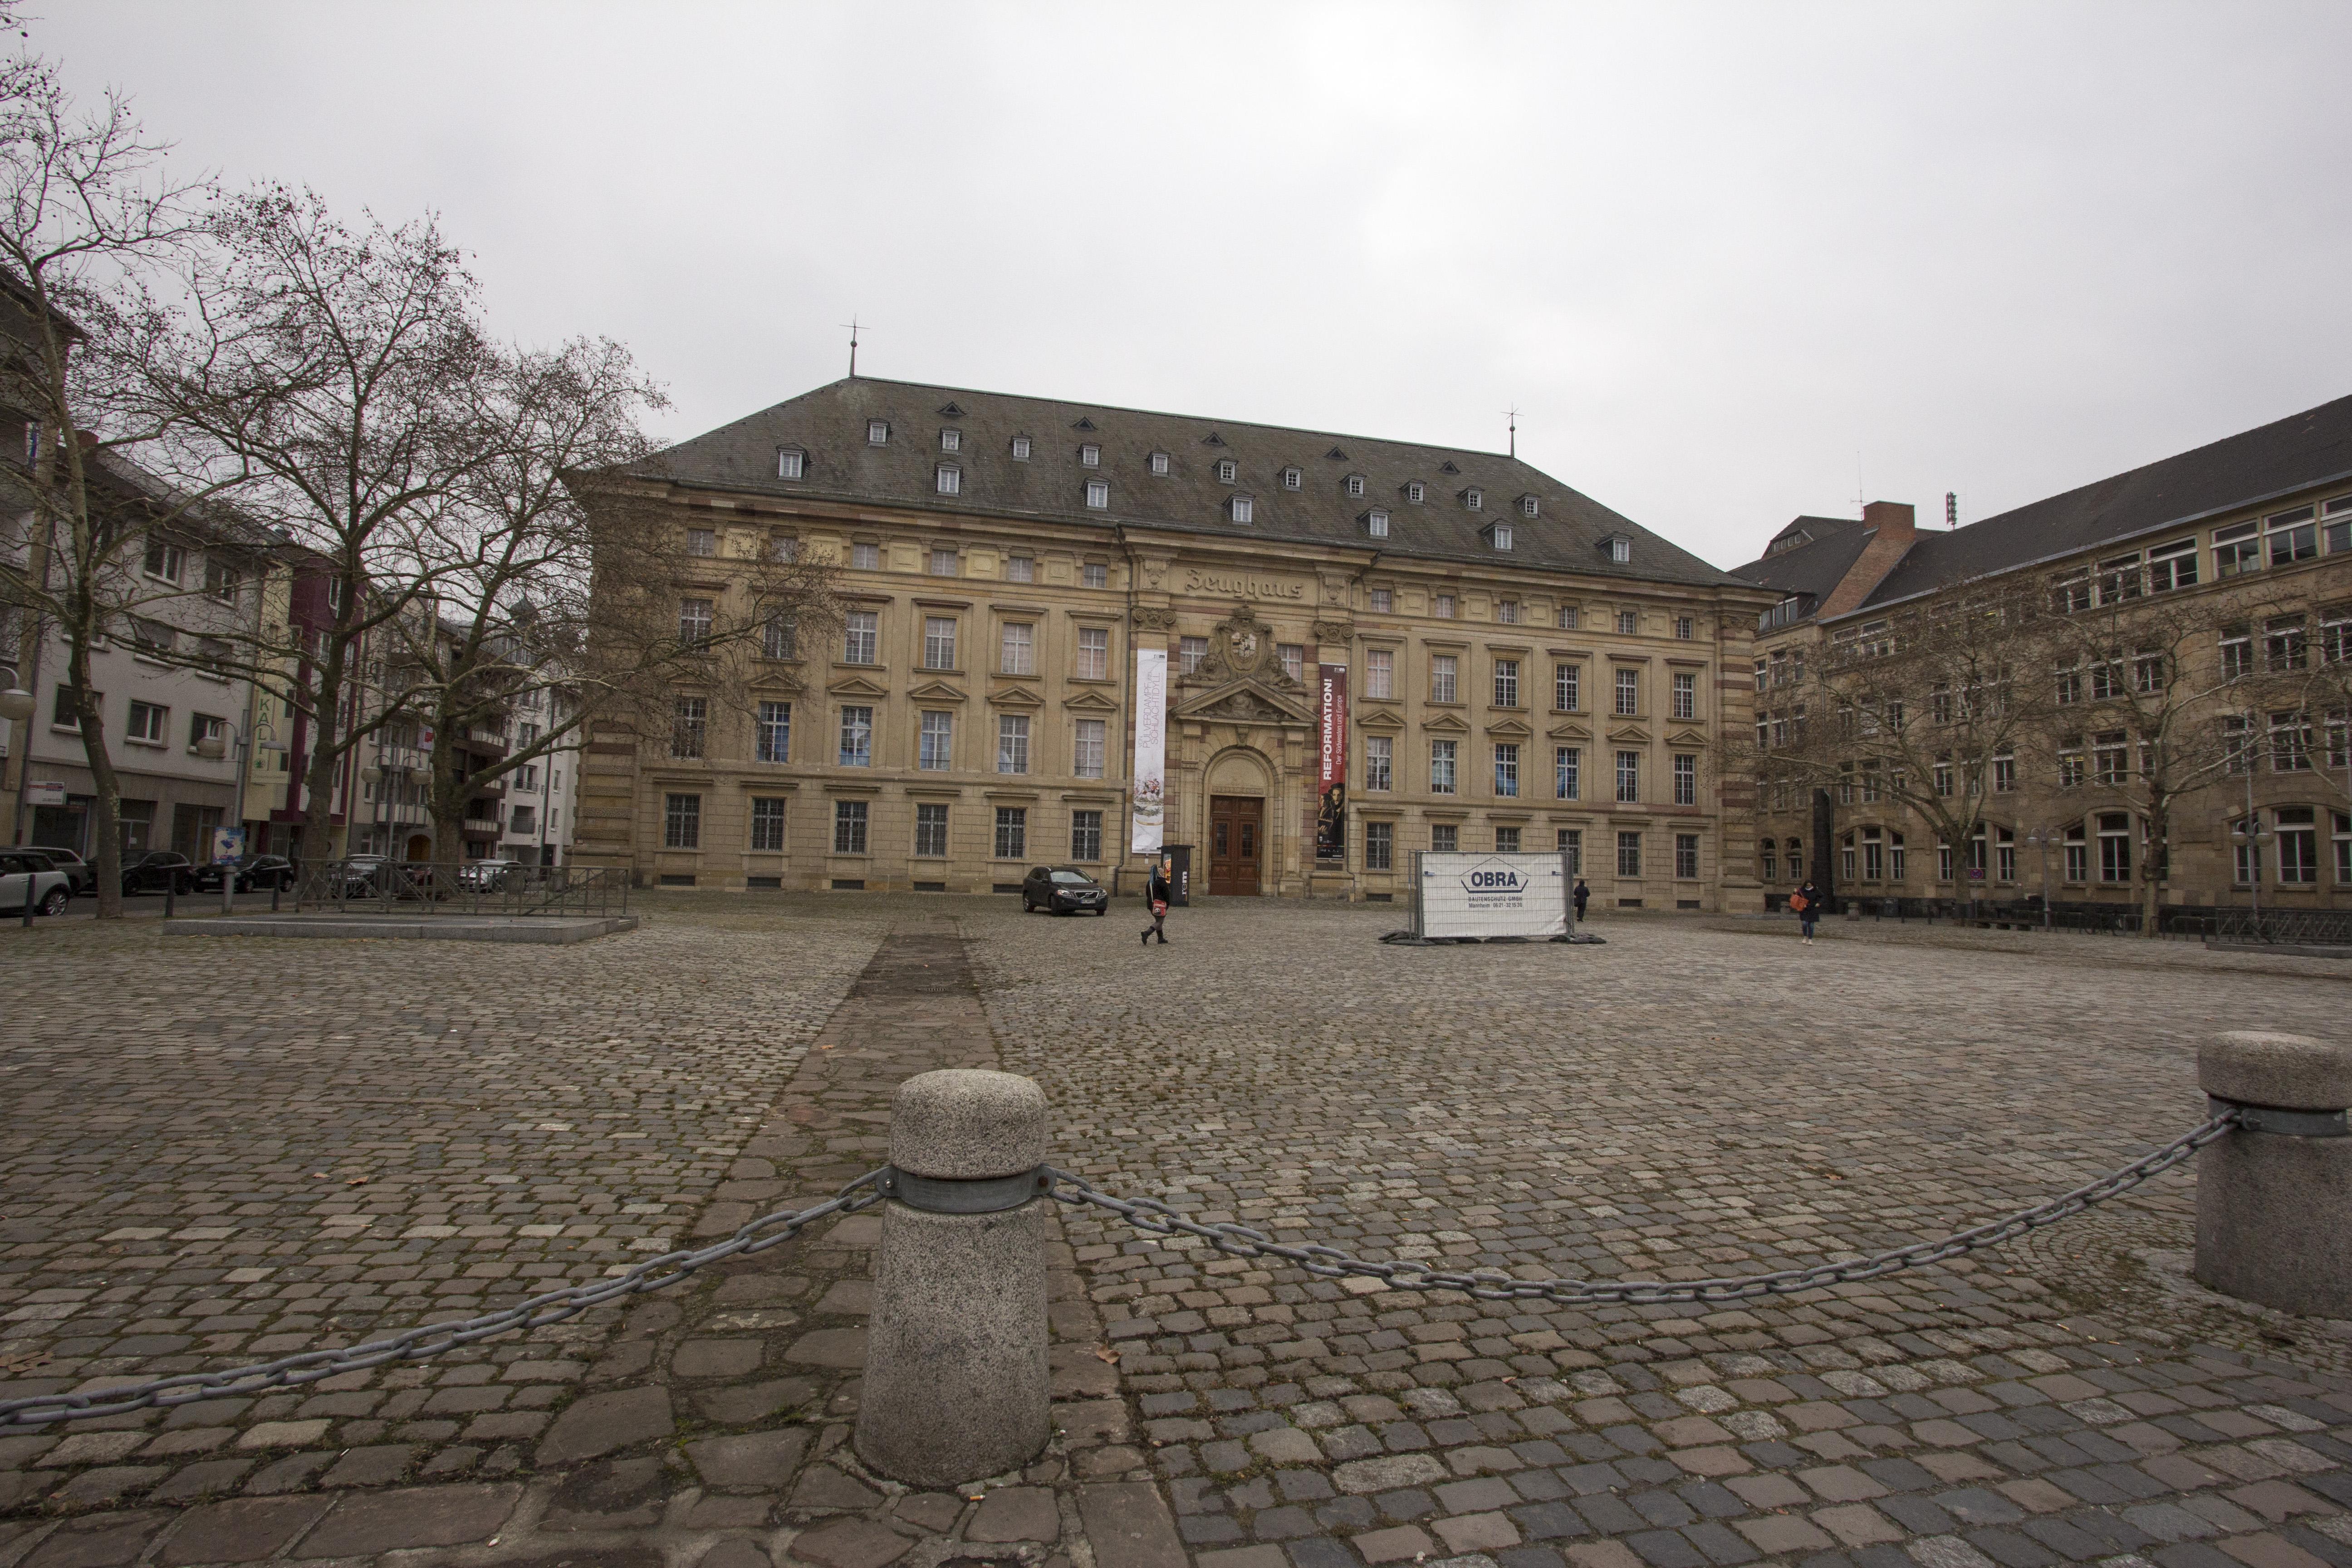 Architektur und Zentrum Mannheim_26